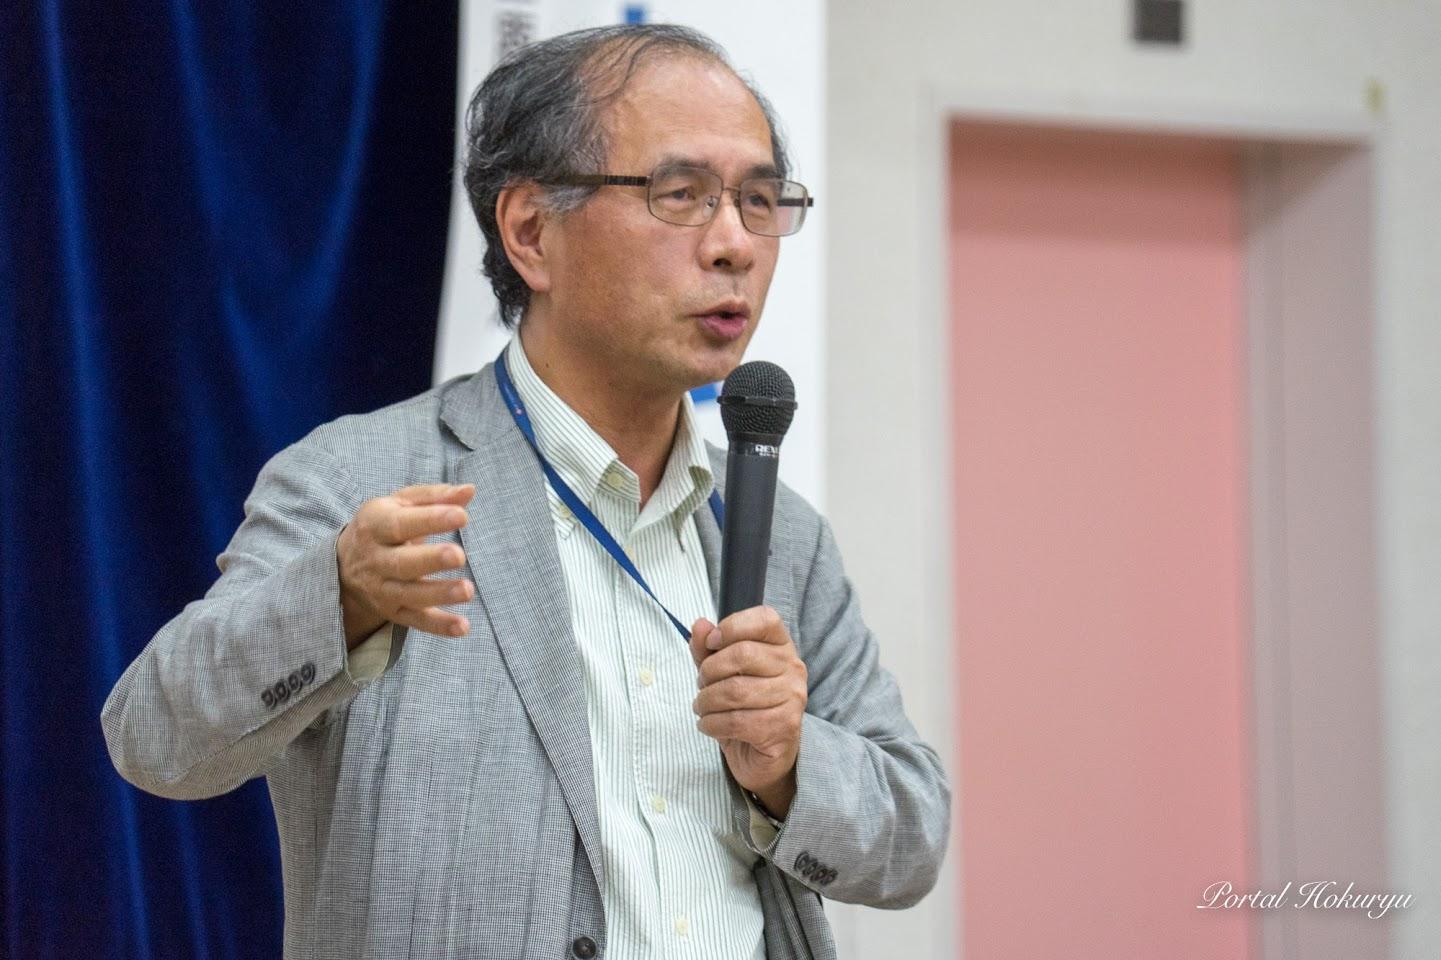 宮永和夫先生(若年認知症サポートセンター 理事長)